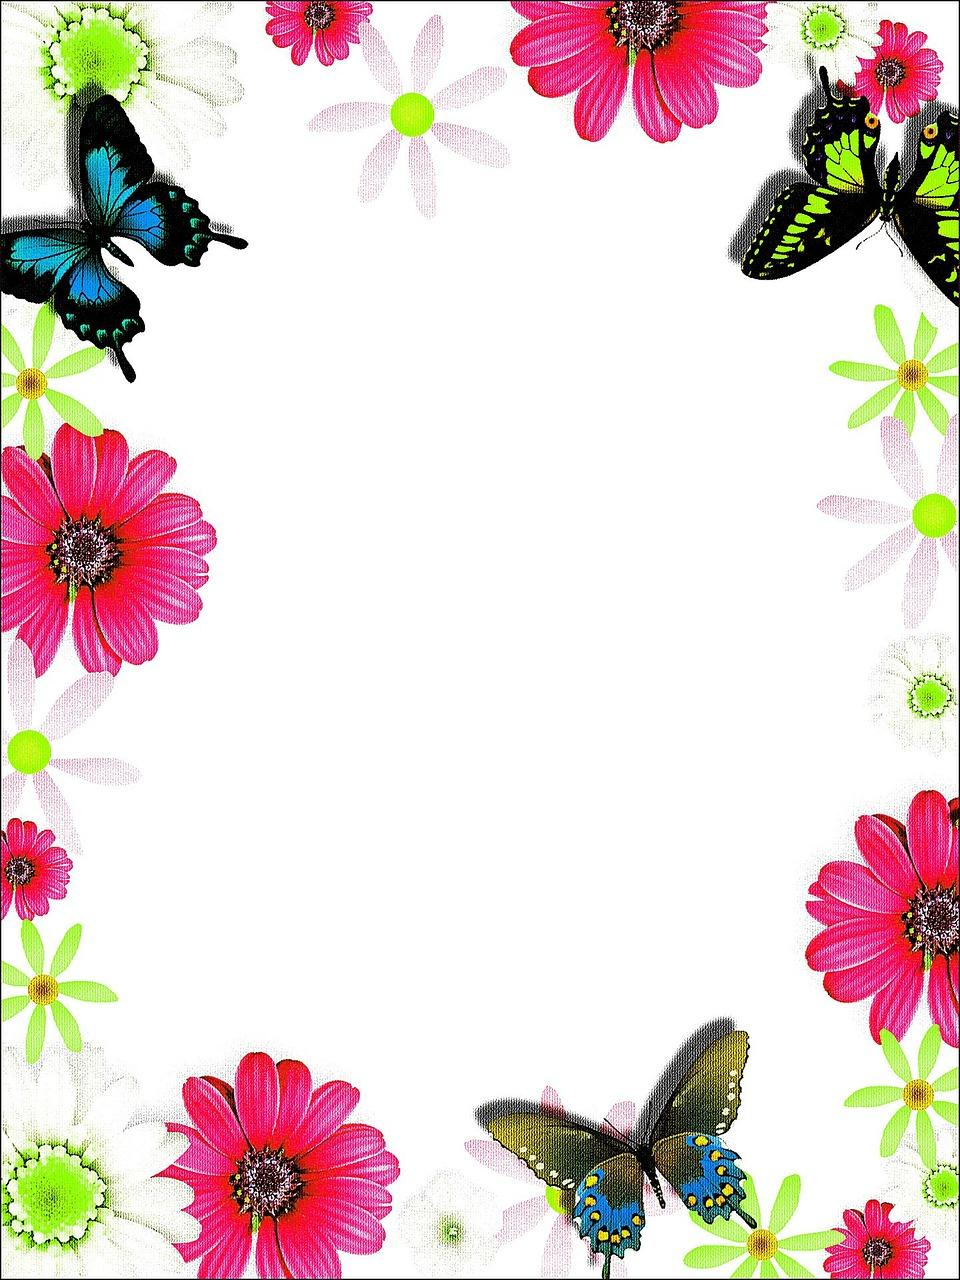 תמונות ורקעים לברכות מסגרת פרחים ופרפרים